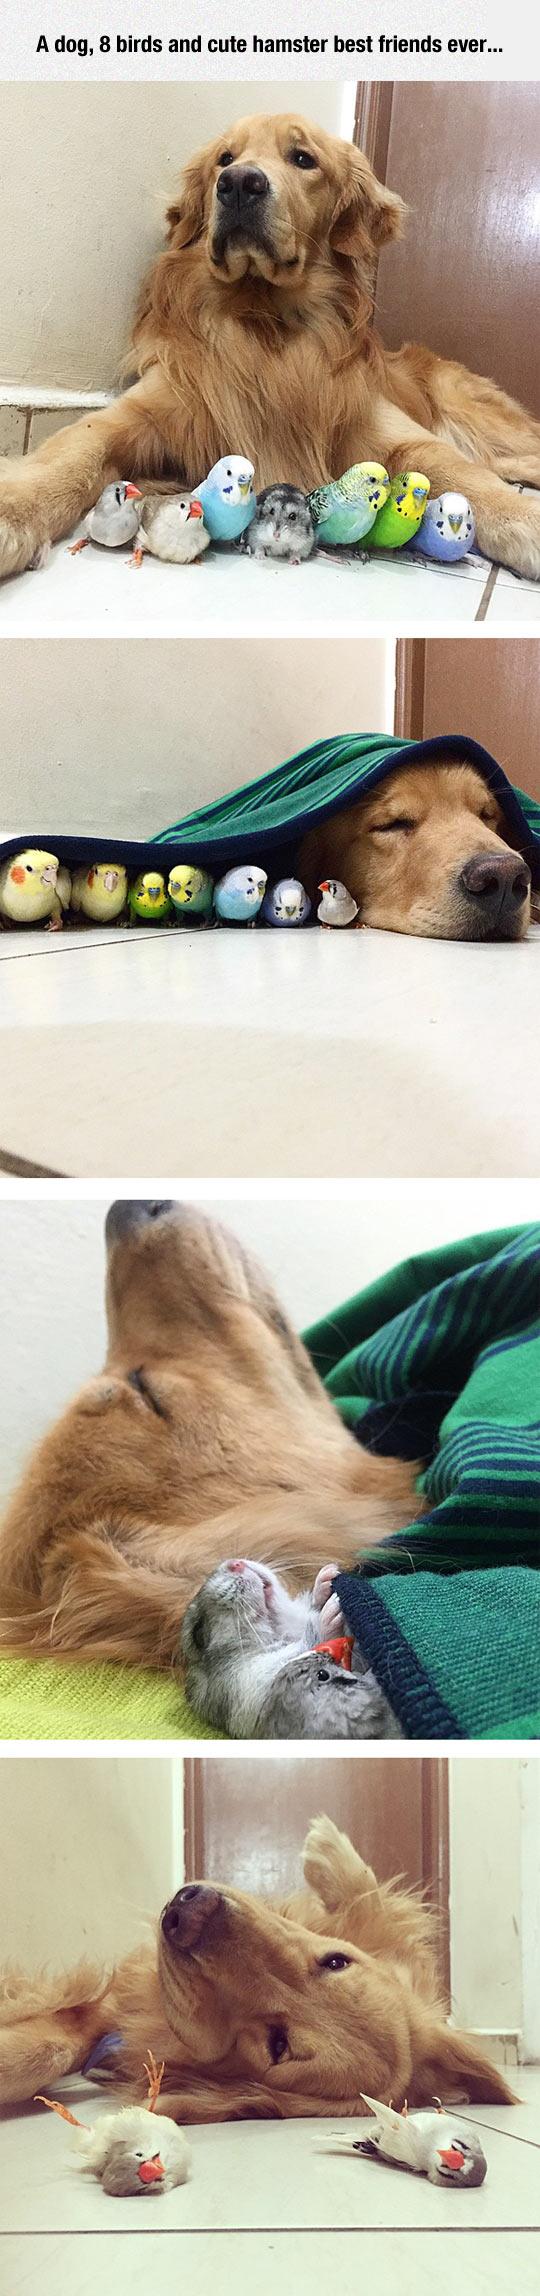 funny-Bob-dog-bird-friends-all